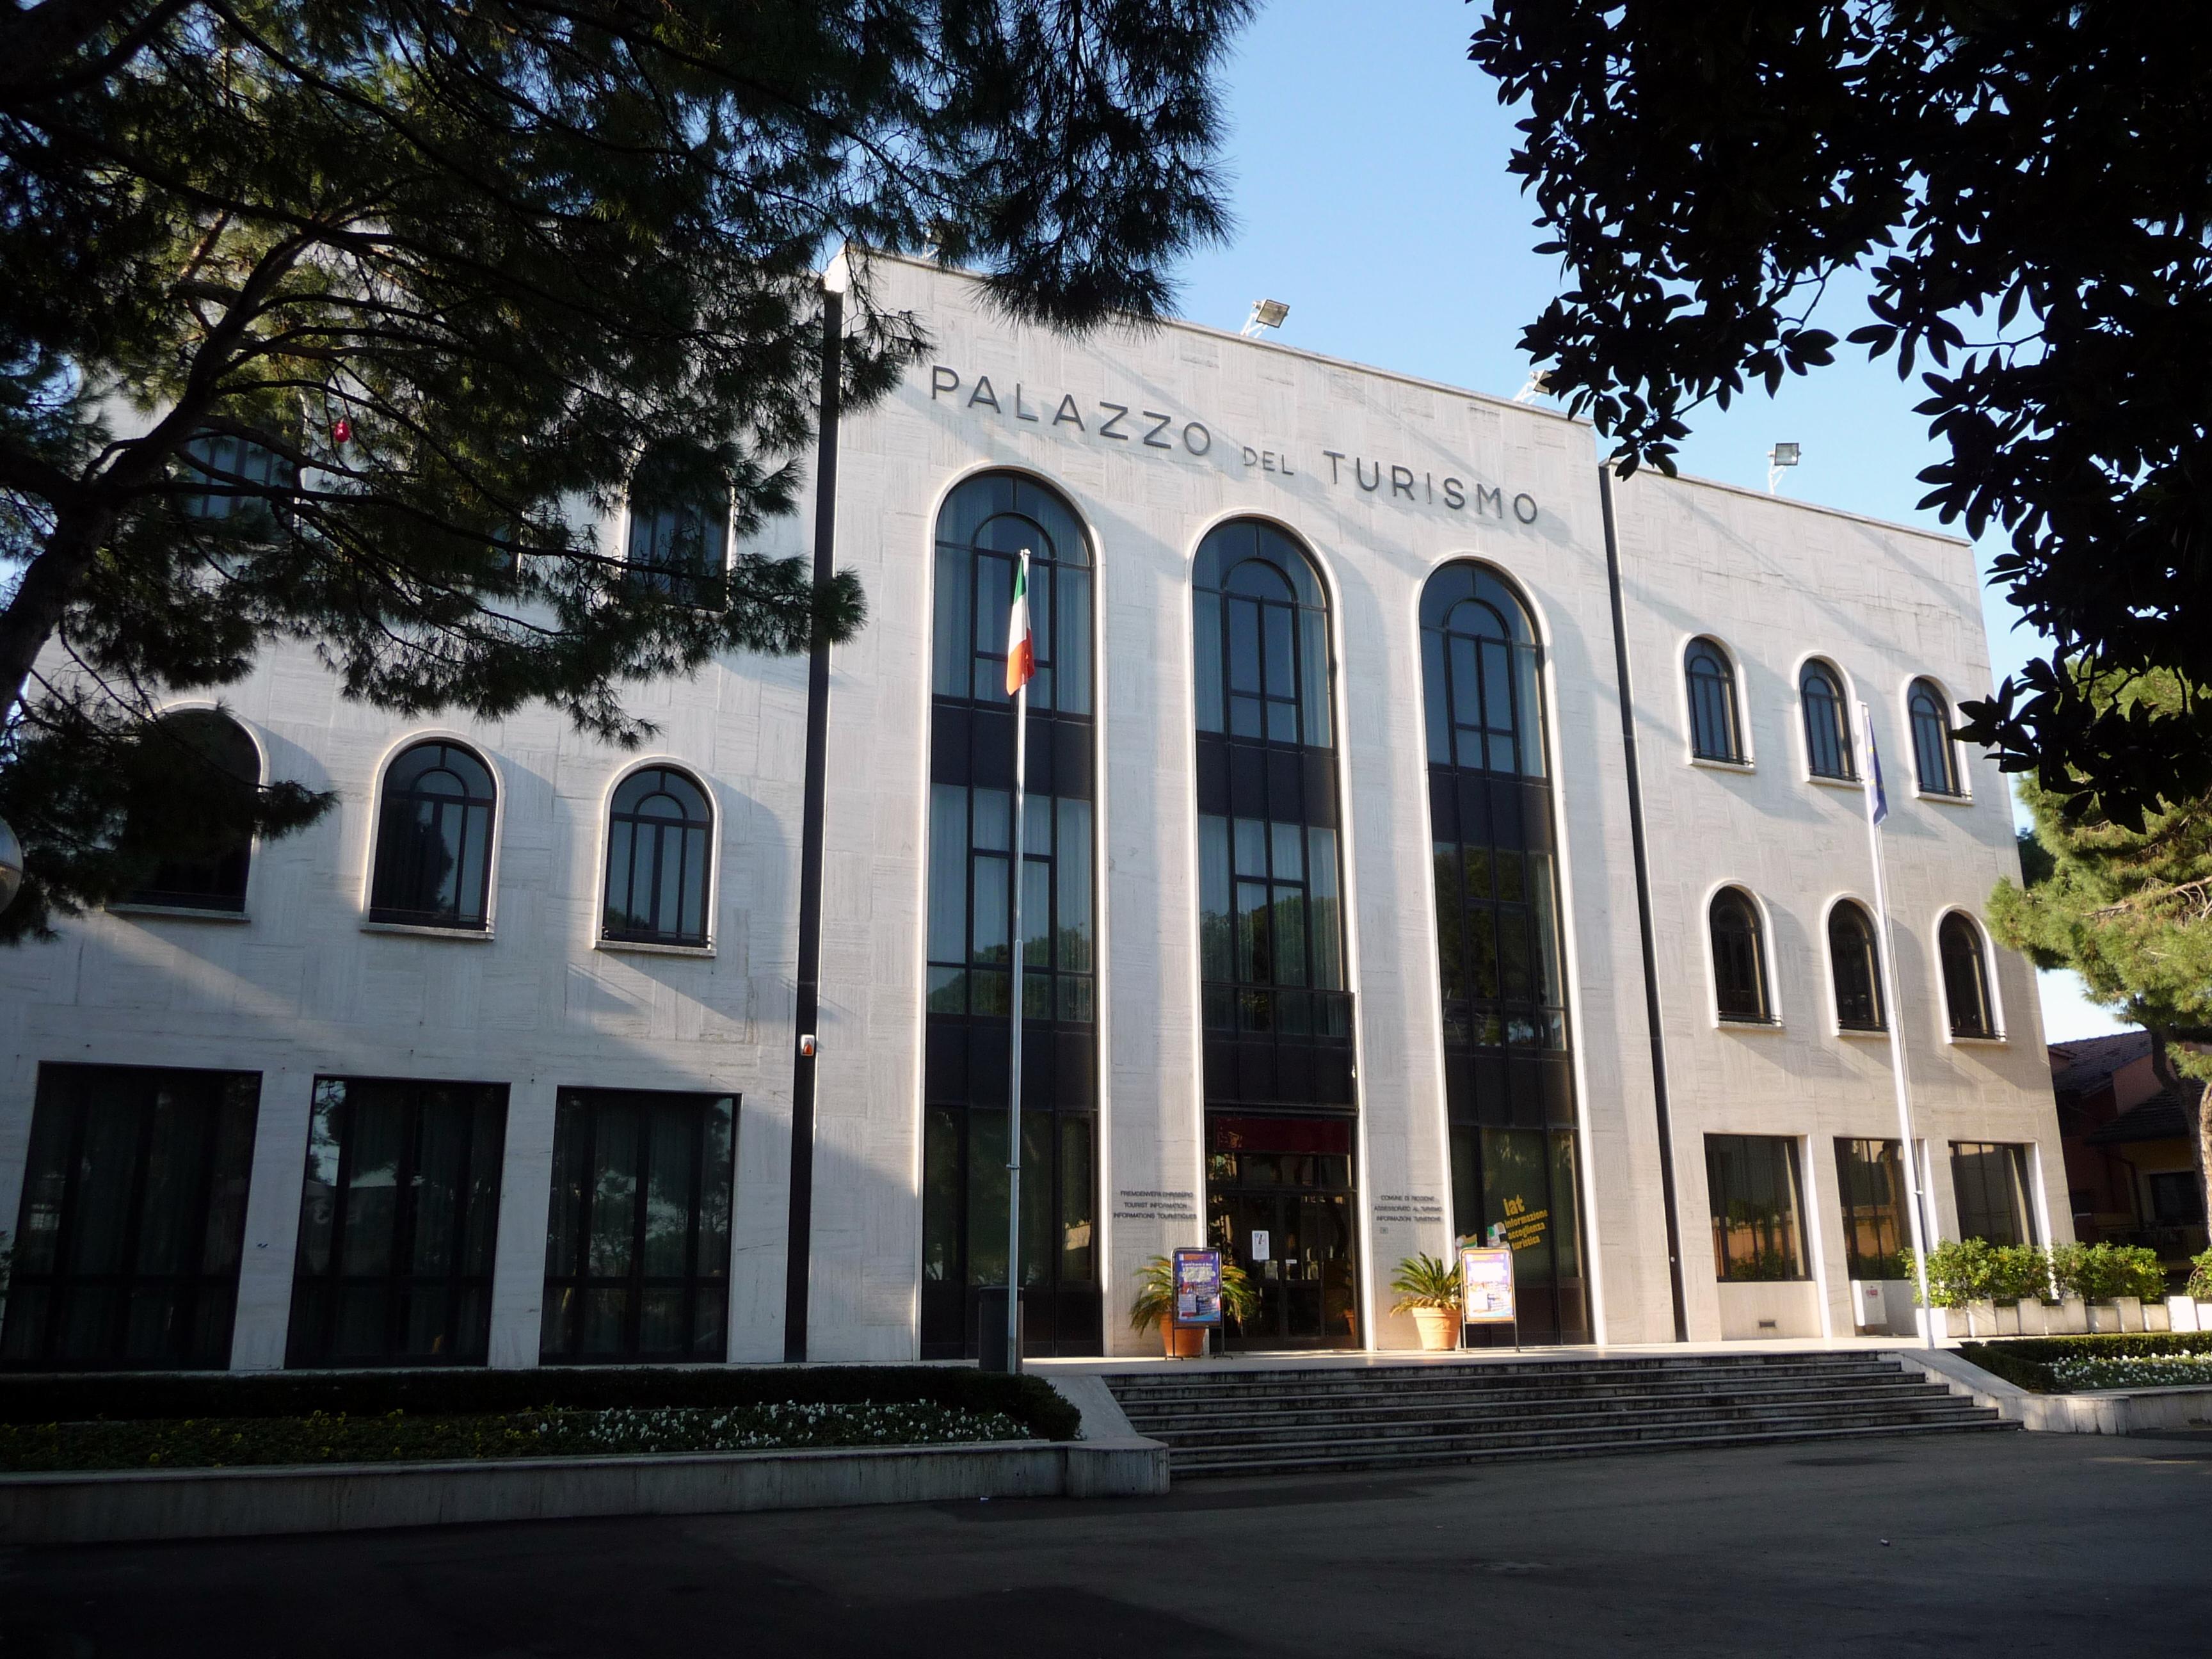 Palazzo del Turismo | Riccione